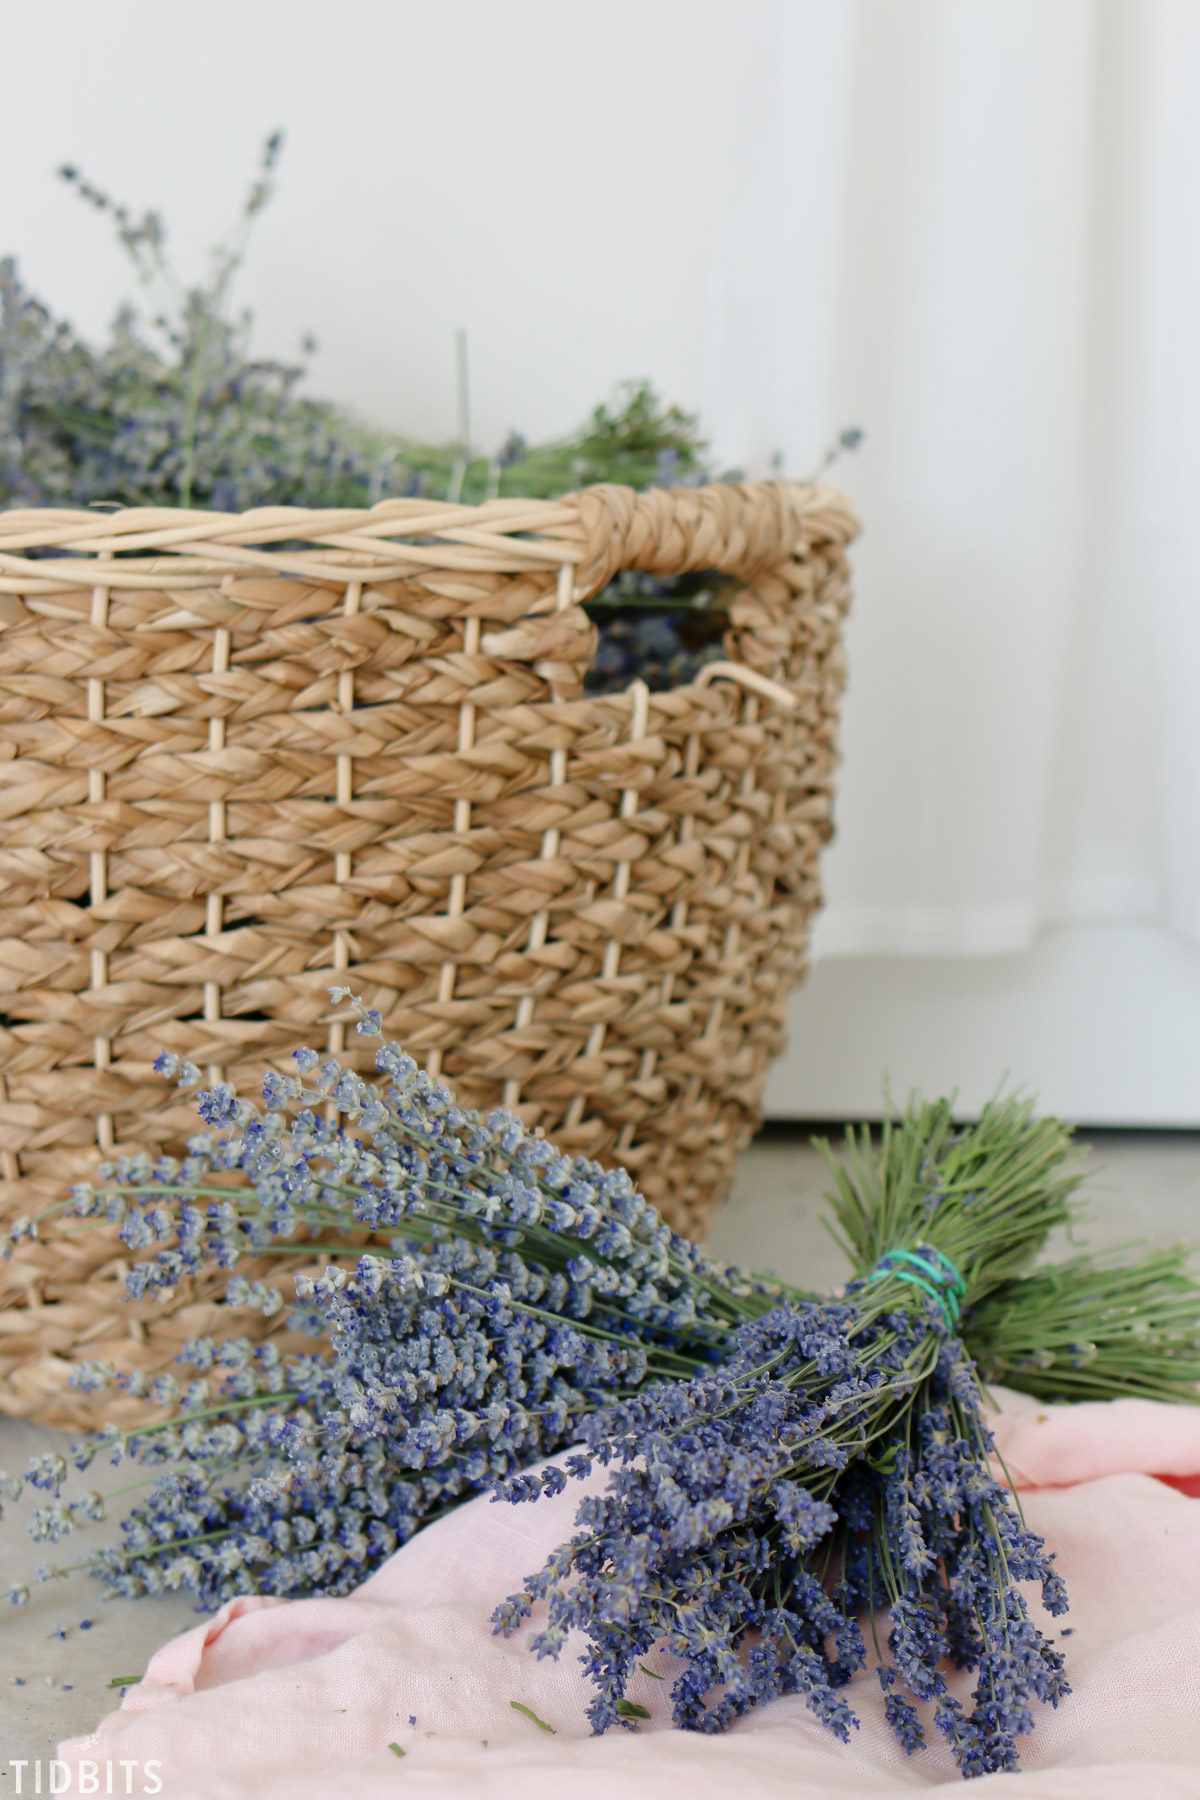 lavender bundles in basket